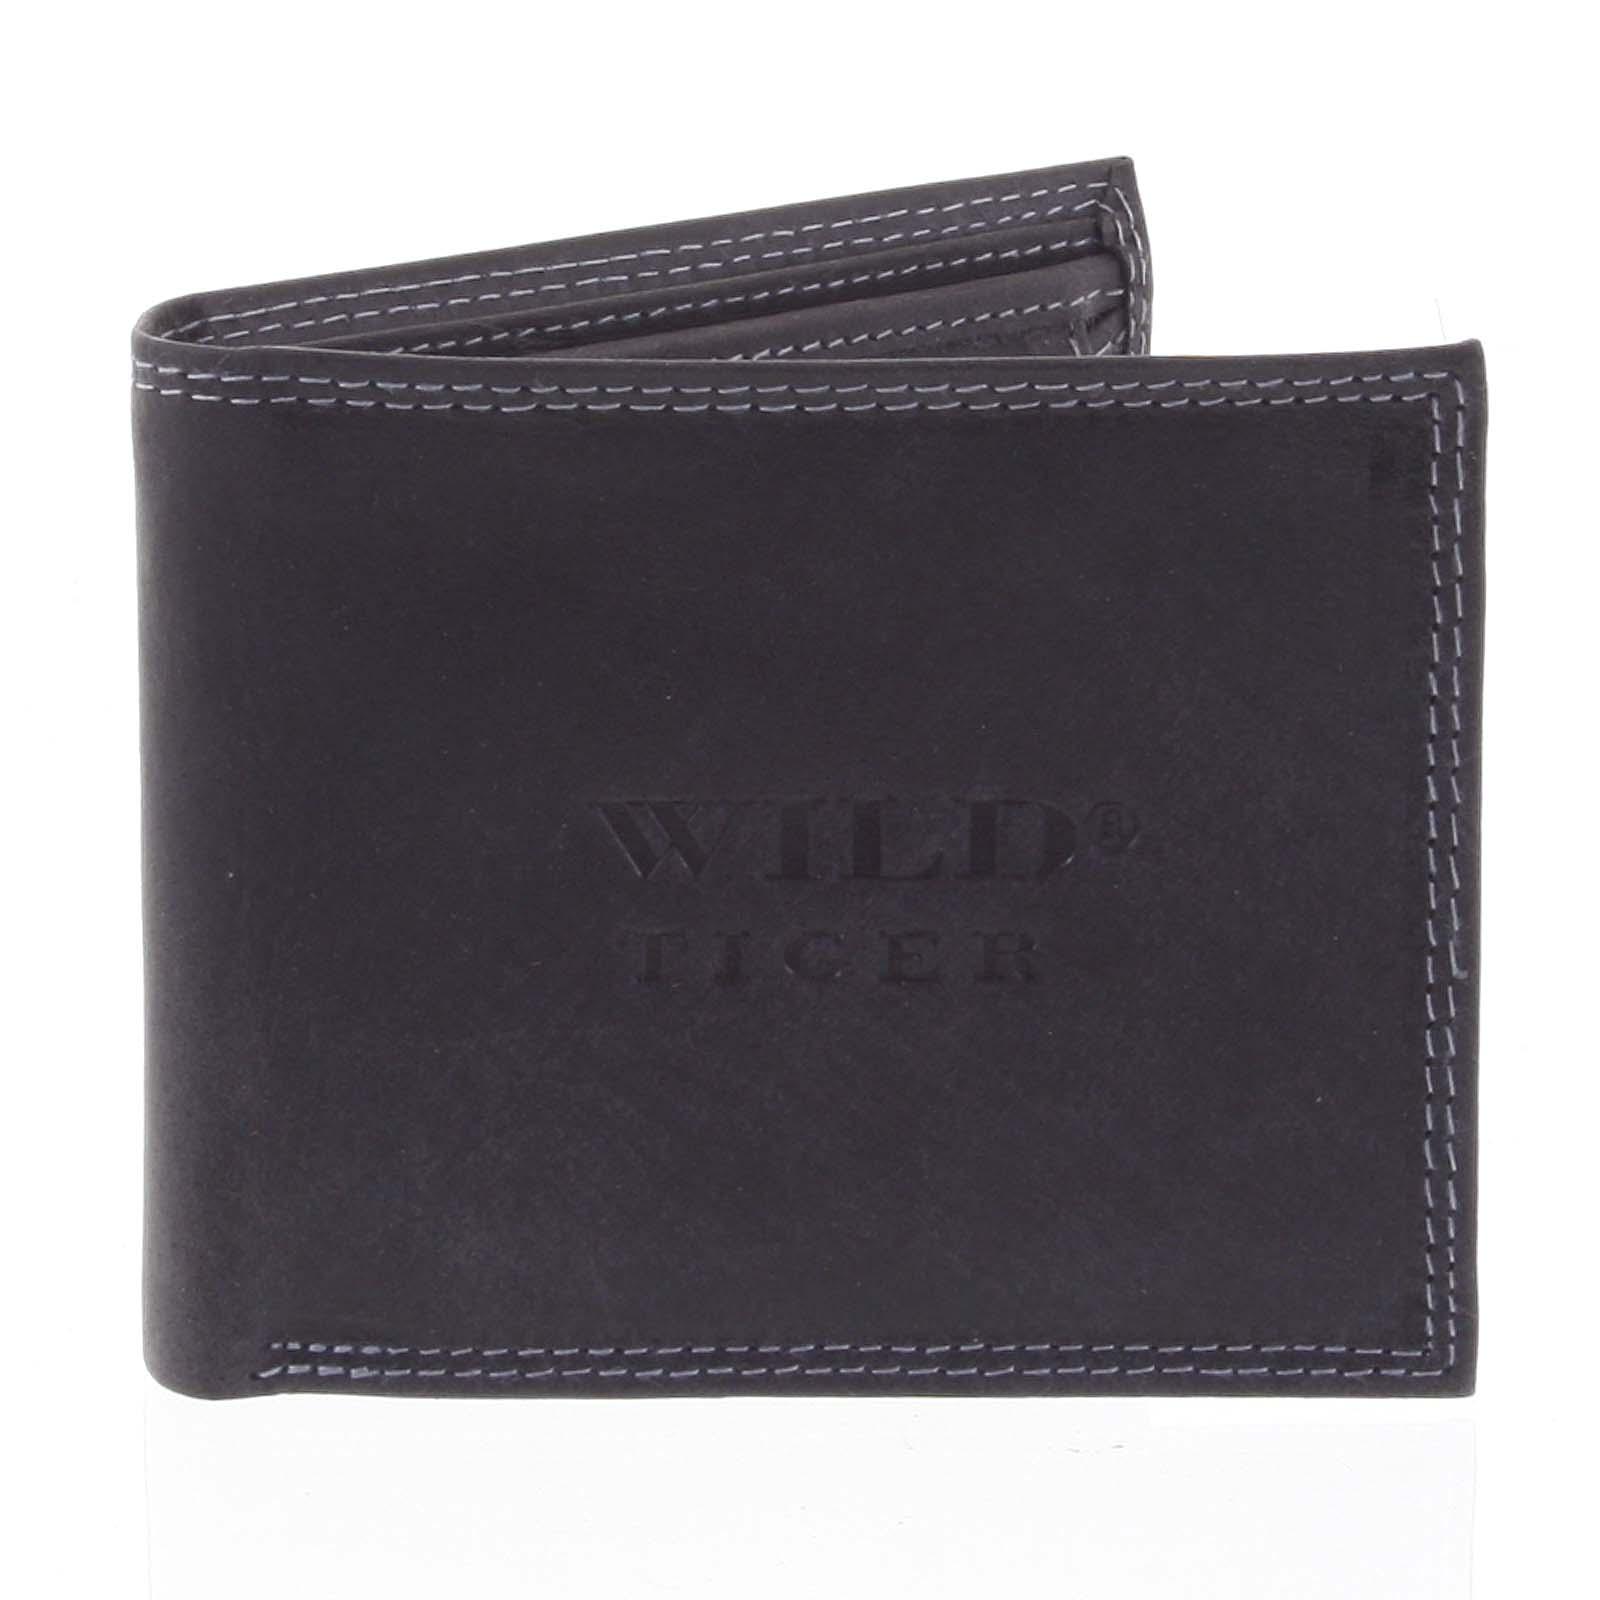 Pánska kožená peňaženka čierna - WILD Vladmir čierna